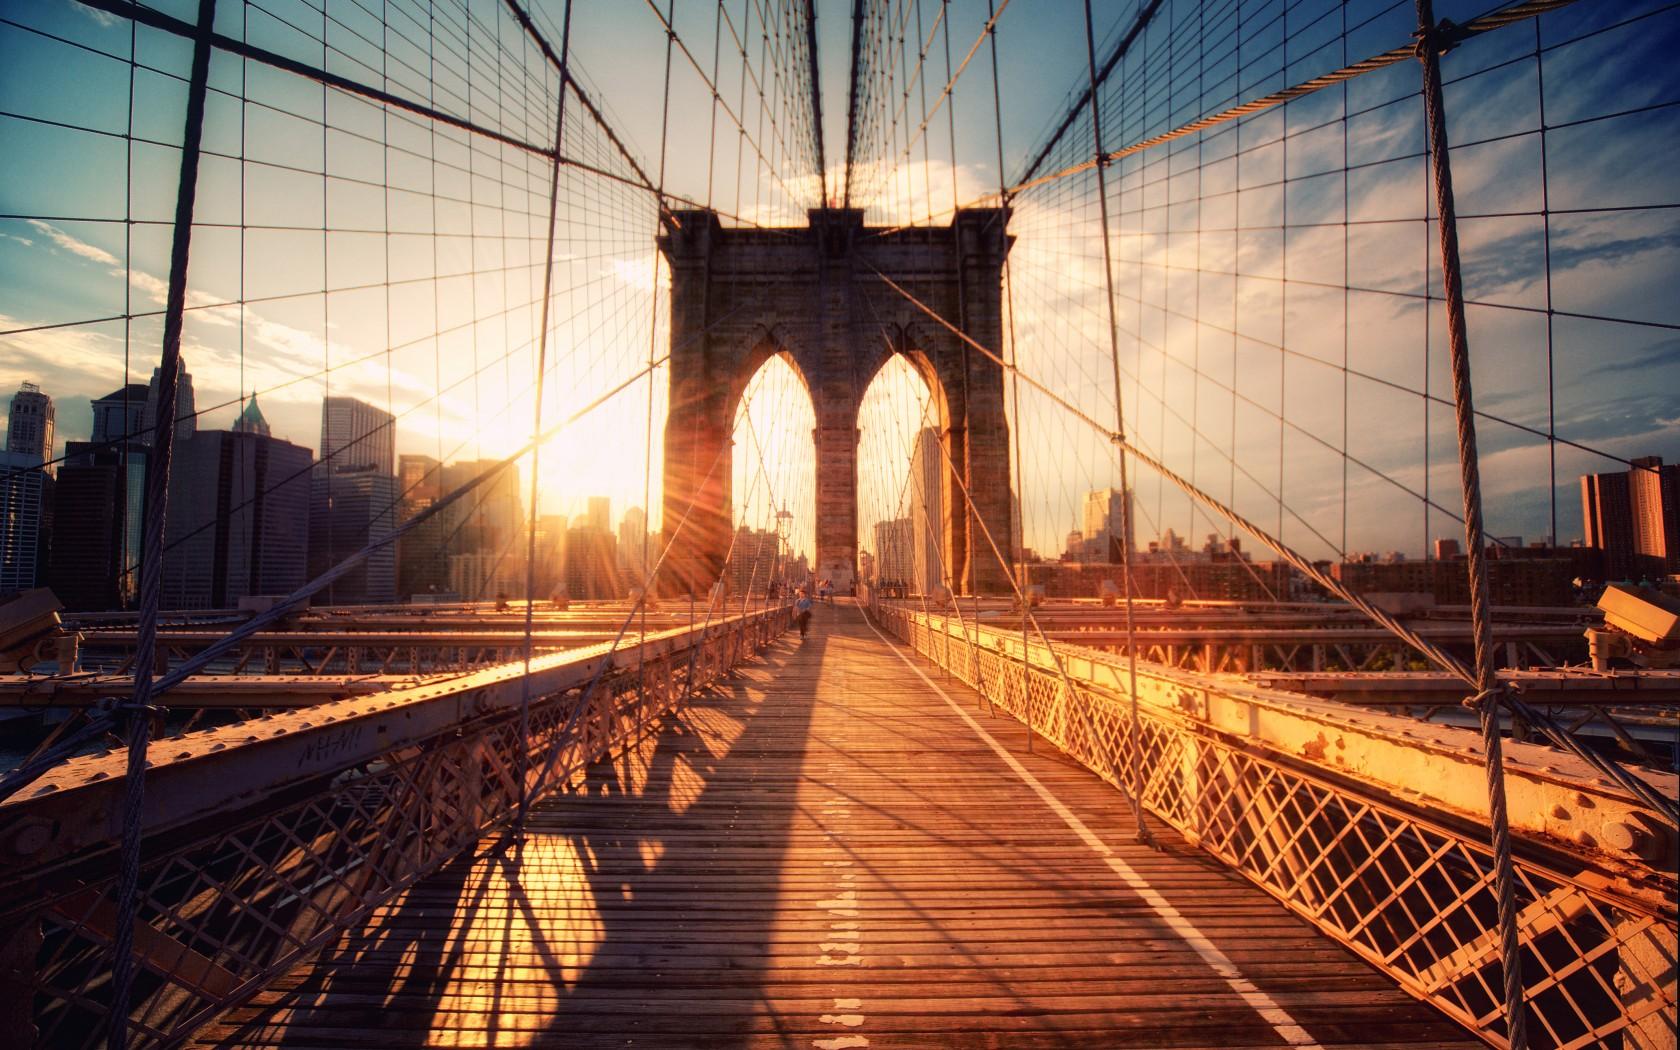 16_NYC_90175436-1680x1050